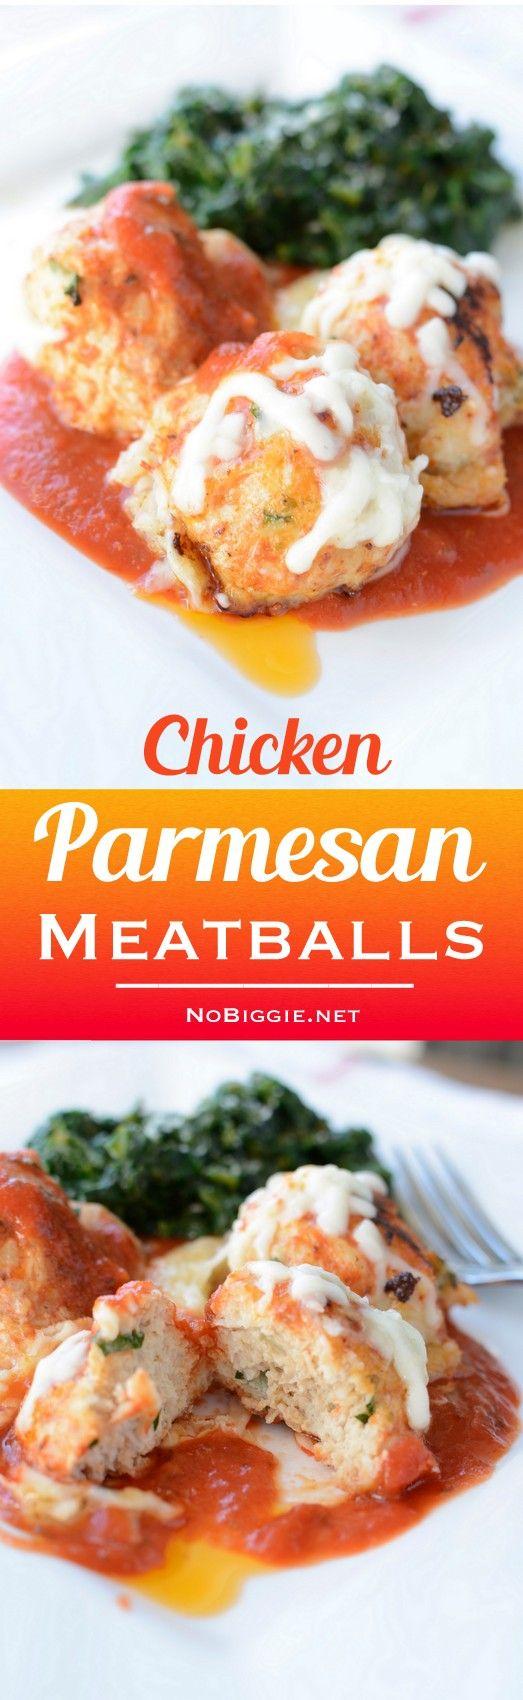 chicken parmesan meatballs   NoBiggie.net